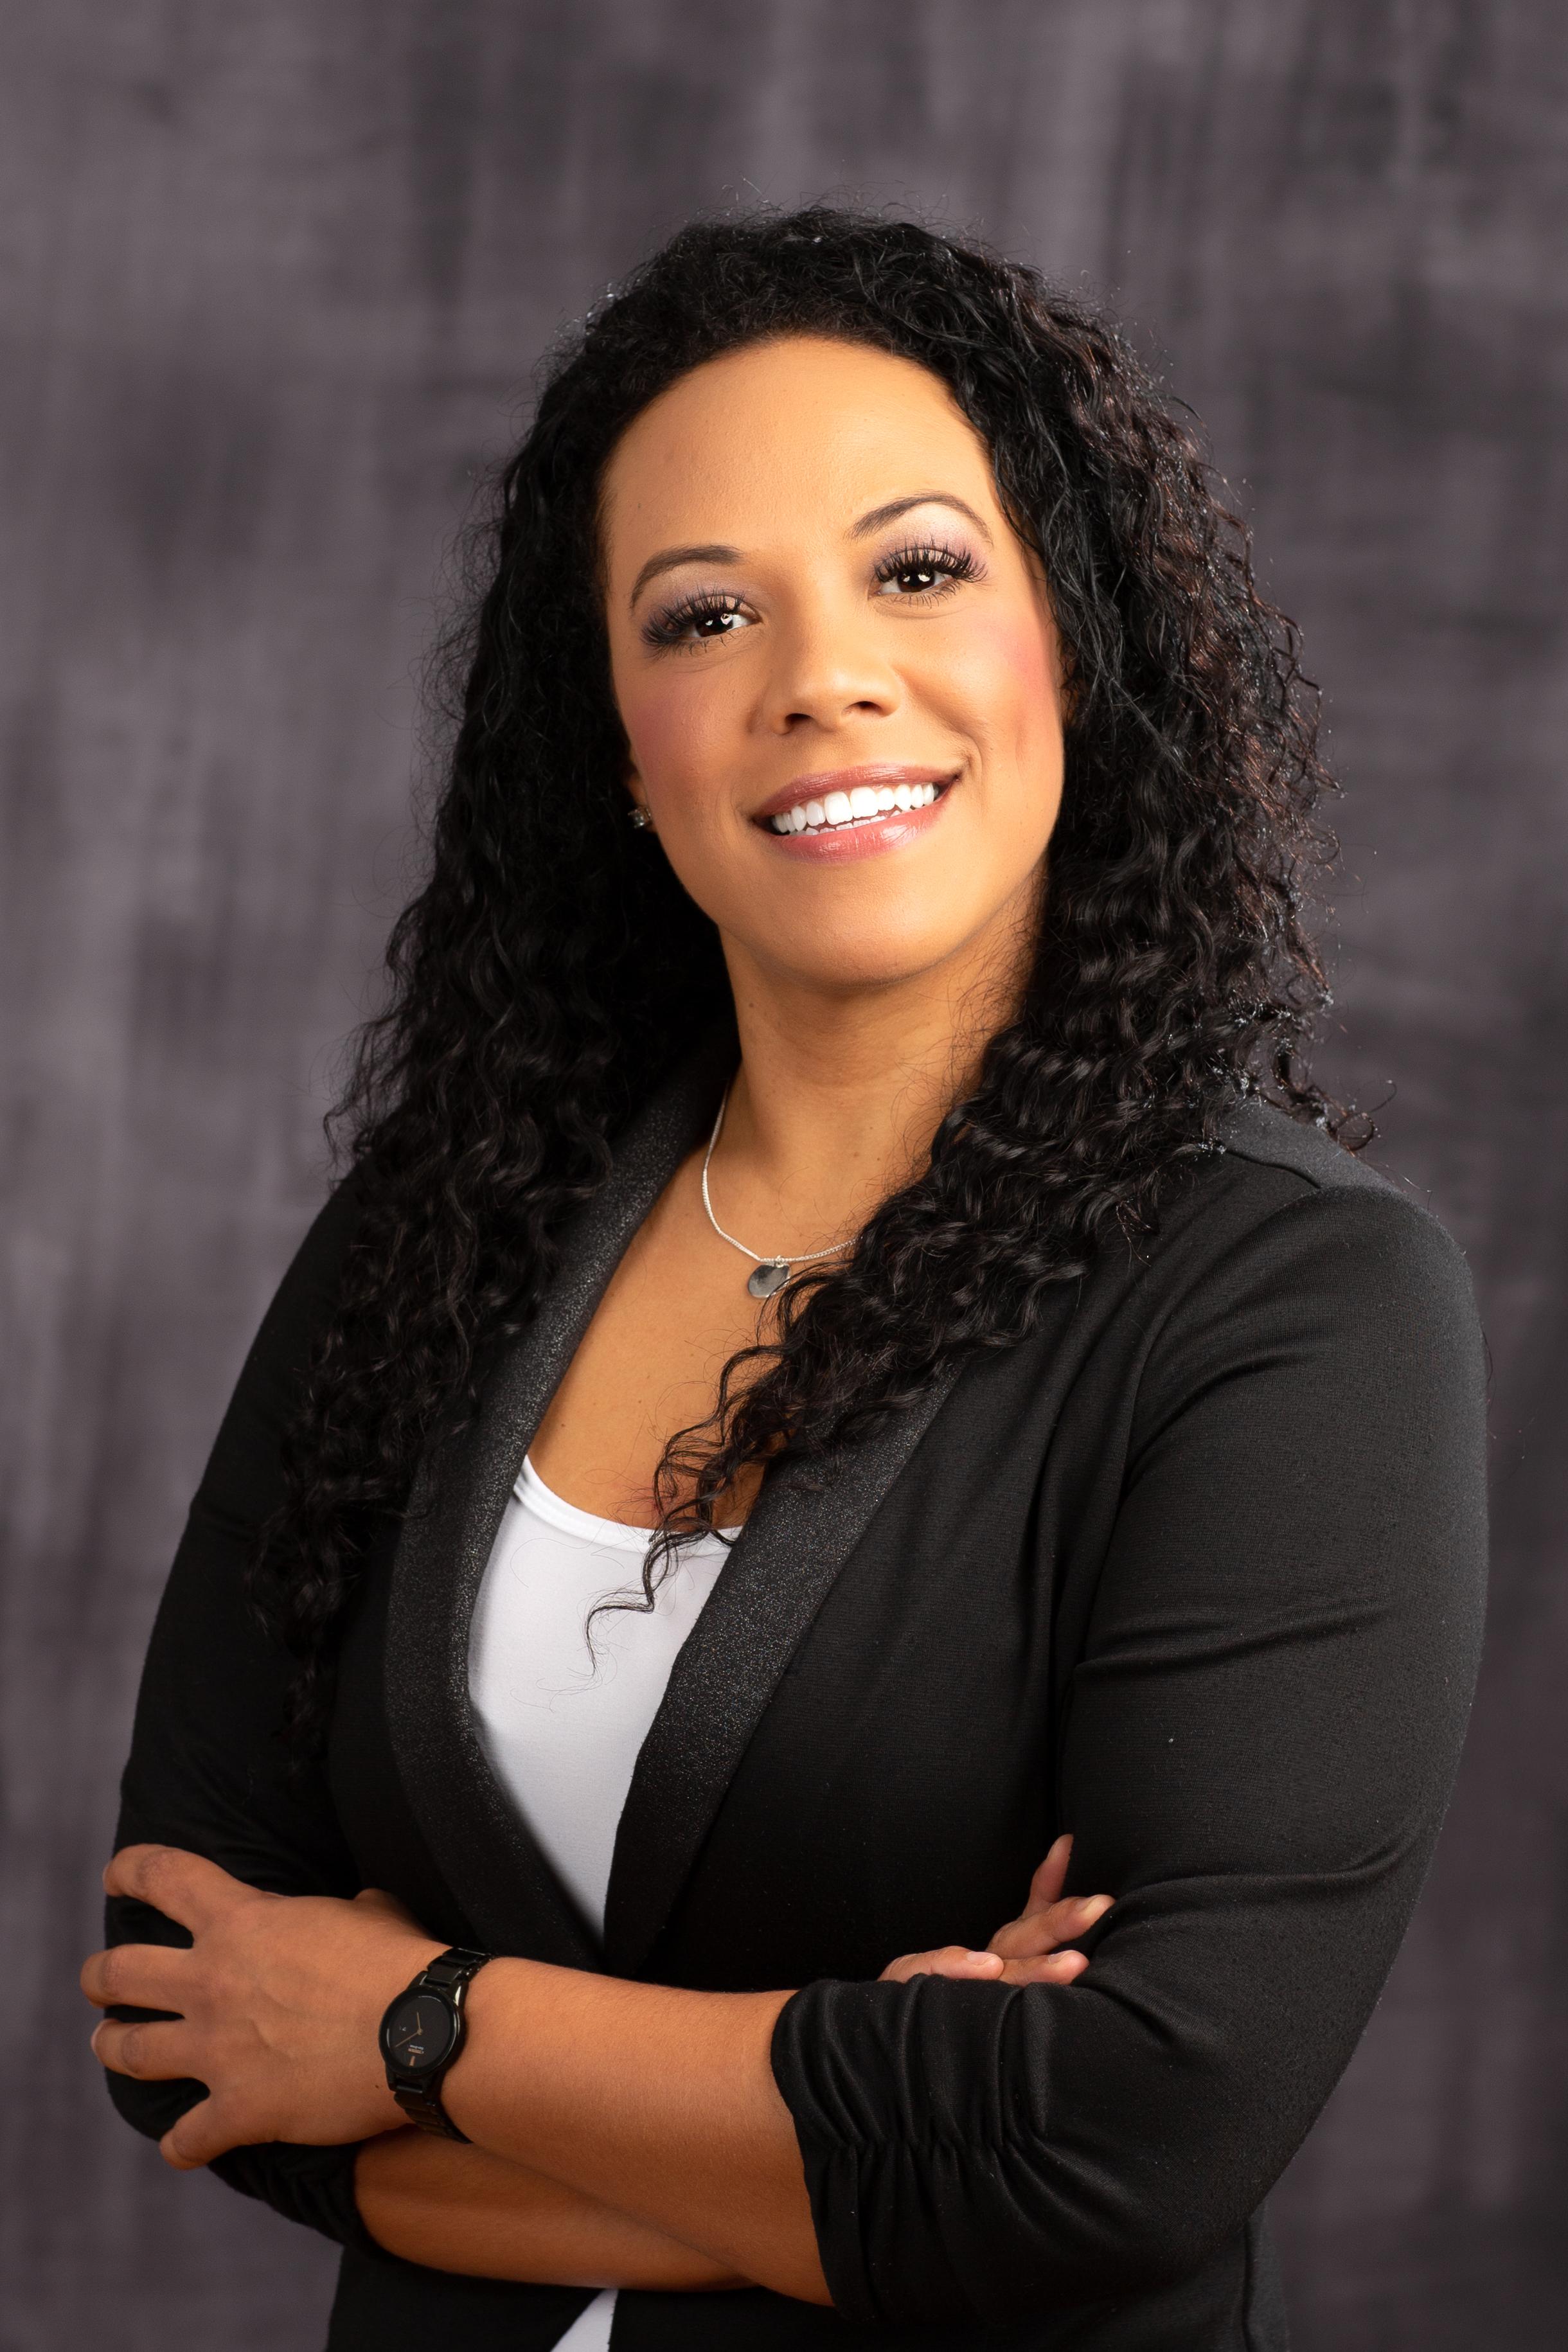 Marie Vela - Associate Planner